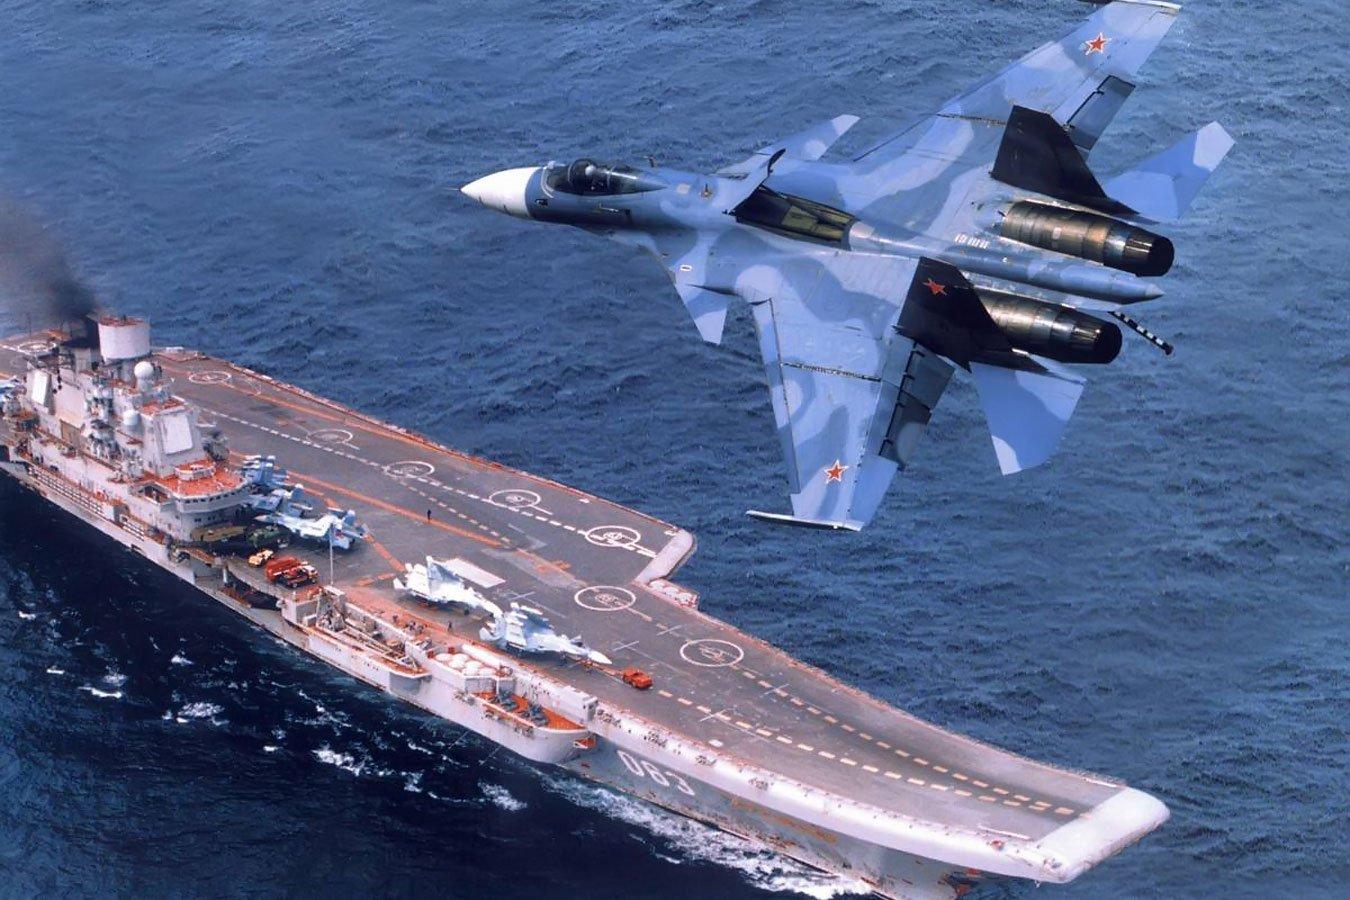 Американские СМИ включили «Адмирала Кузнецова» вчисло худших авианосцев вмире